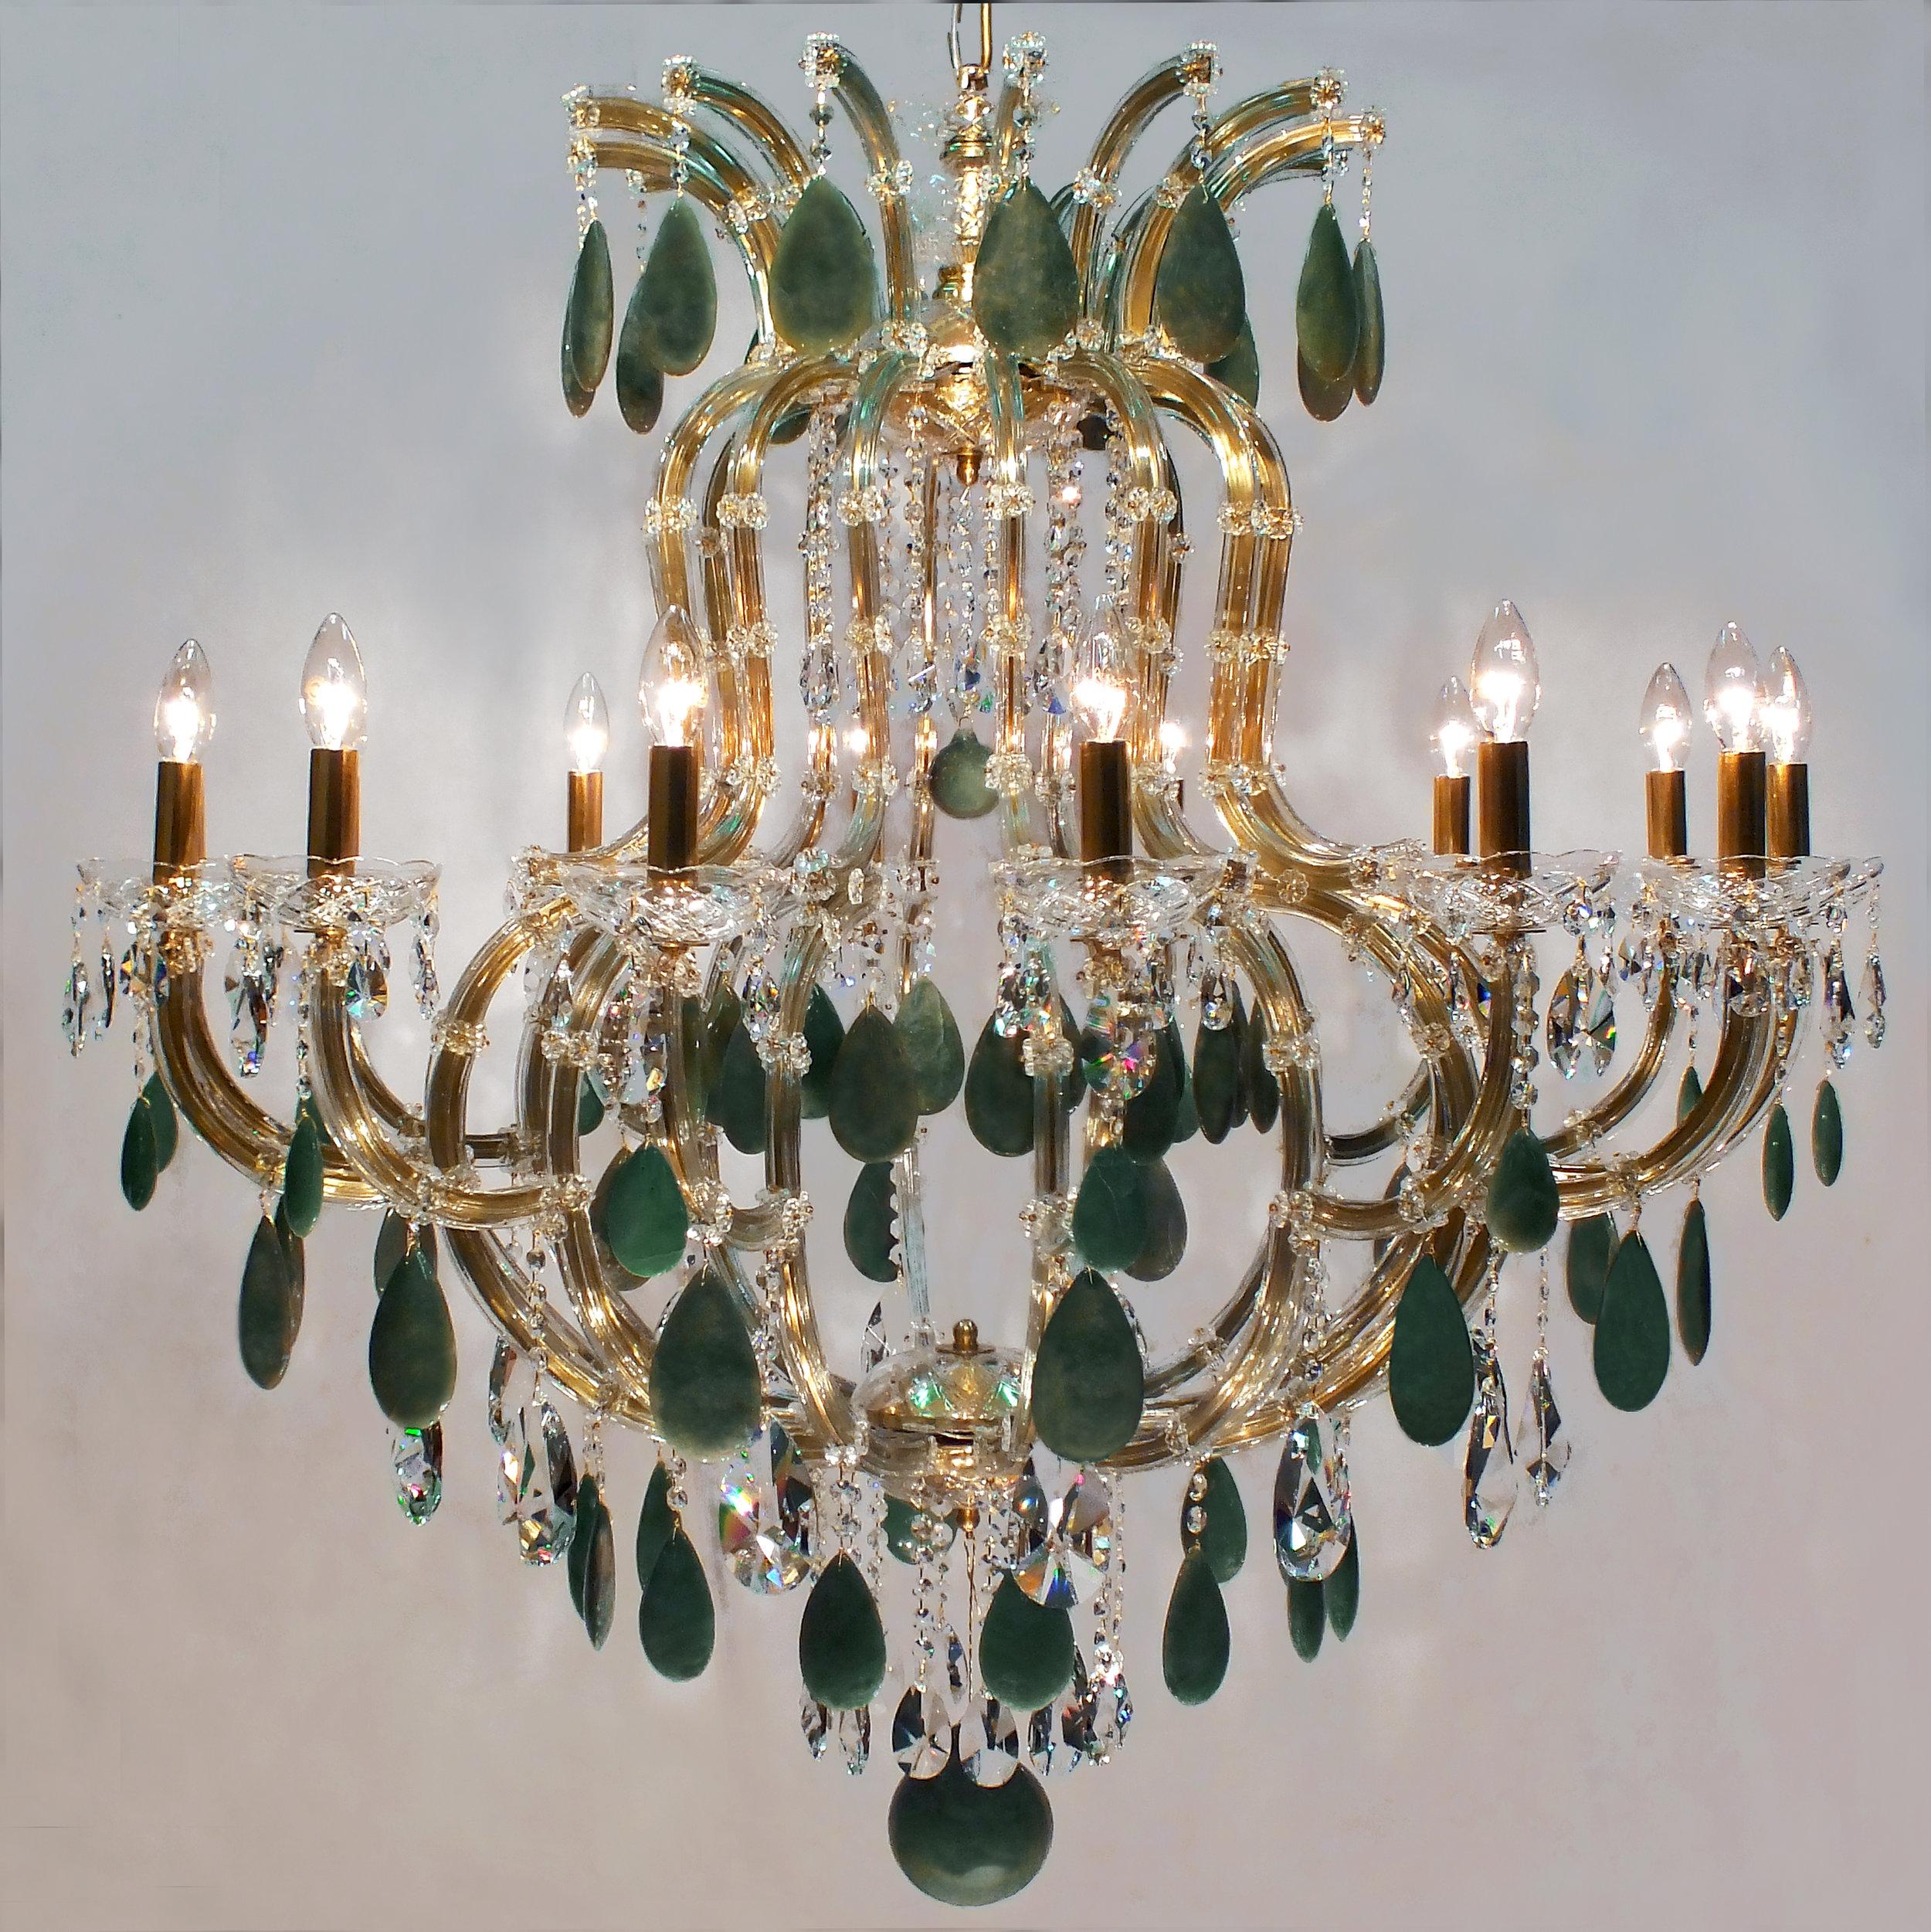 Lustre Marselha 14 braços, no estilo Maria Theresa, em latão no tom dourado e cristais de verdes.